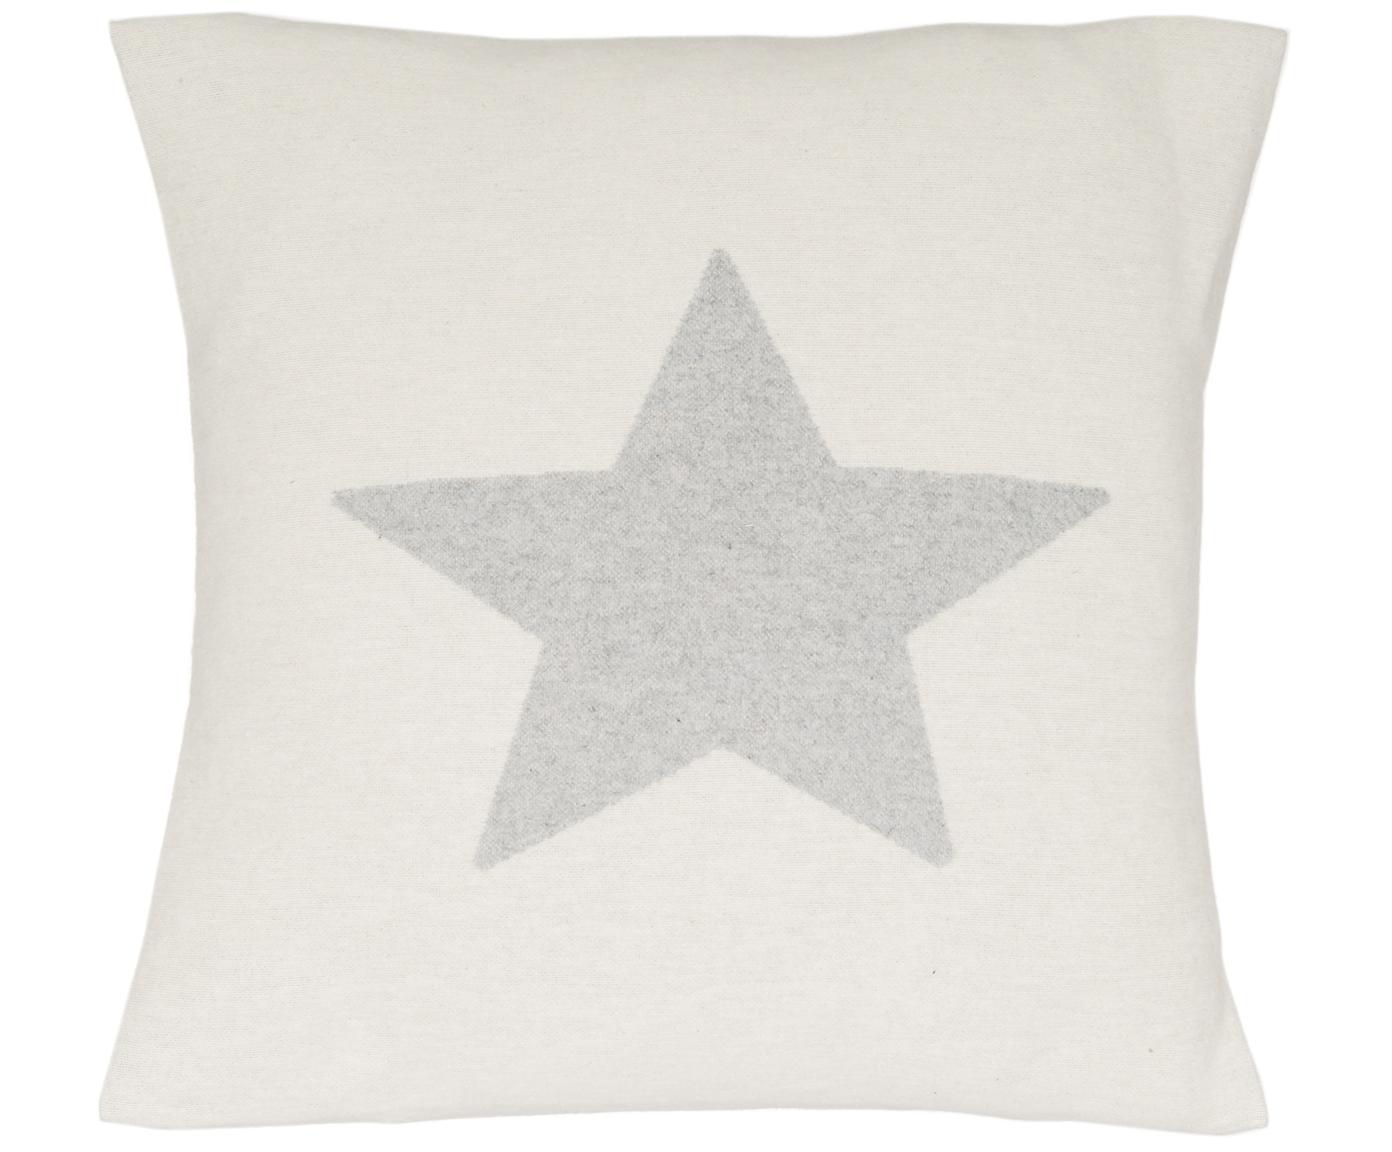 Federa arredo in pile Silvretta Star, 85% cotone, 8% viscosa, 7% poliacrilico, Beige, grigio, Larg. 40 x Lung. 40 cm